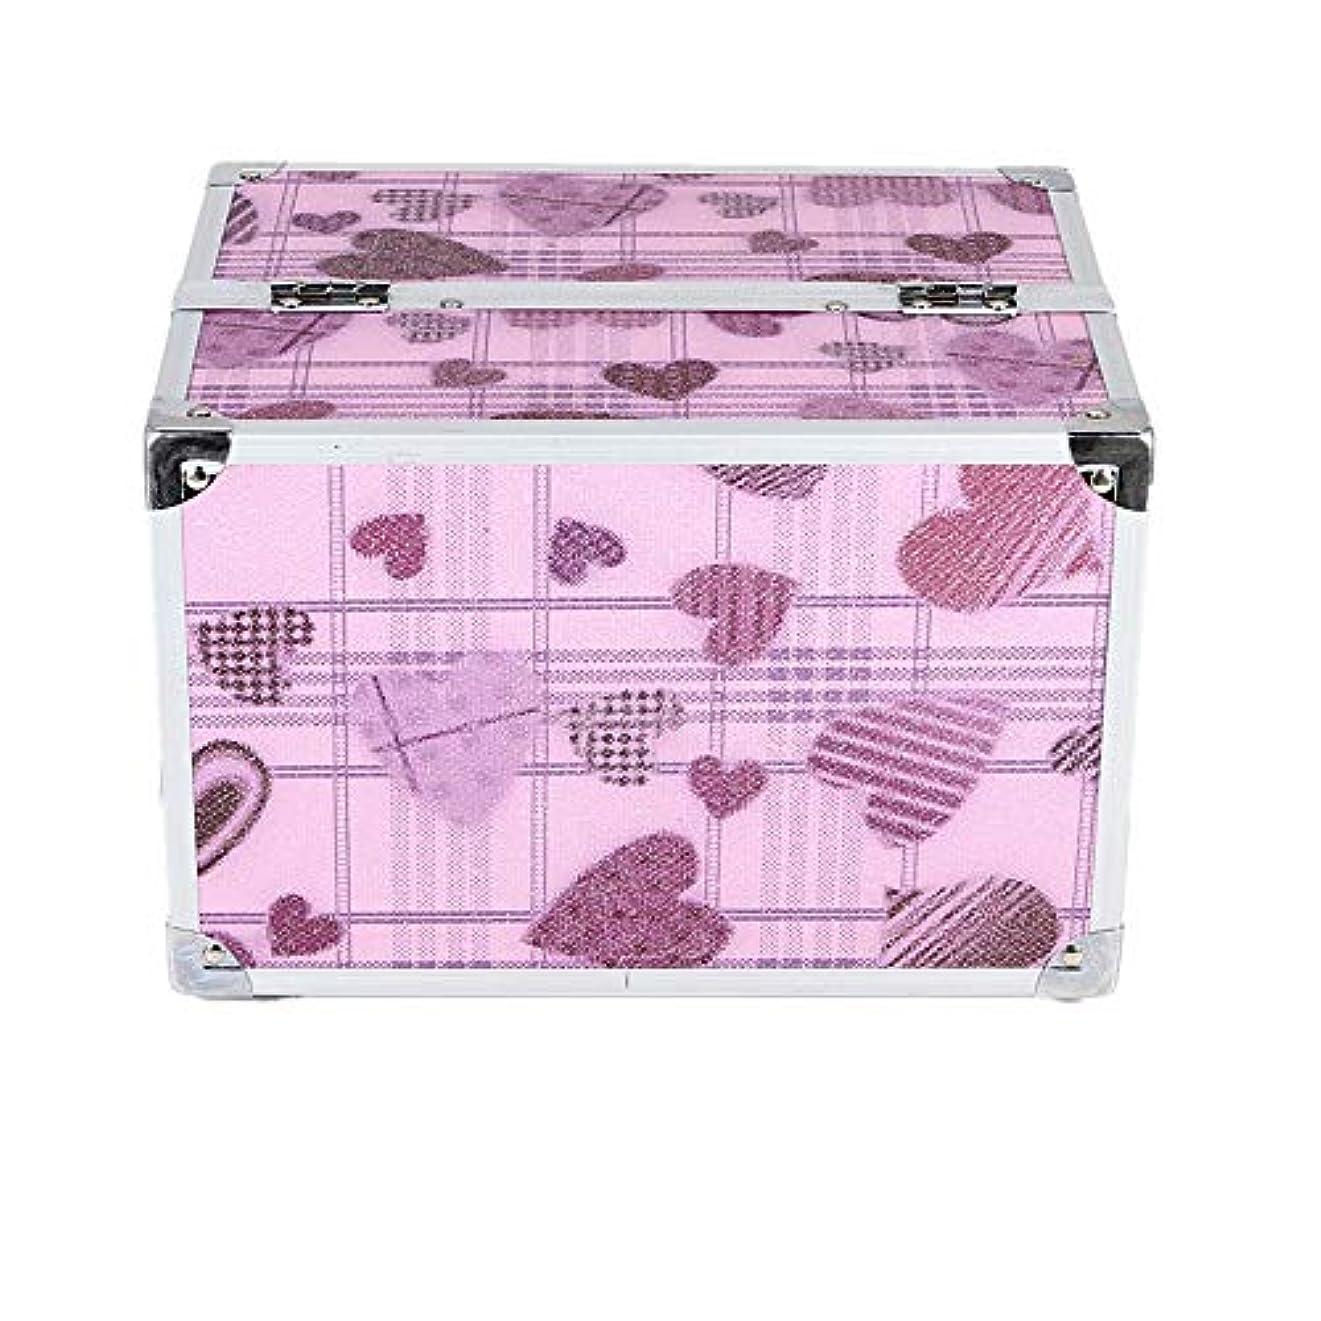 監査拍手自慢化粧オーガナイザーバッグ かわいいハートパターントラベルアクセサリーのためのポータブル化粧ケースシャンプーボディウォッシュパーソナルアイテム収納トレイ 化粧品ケース